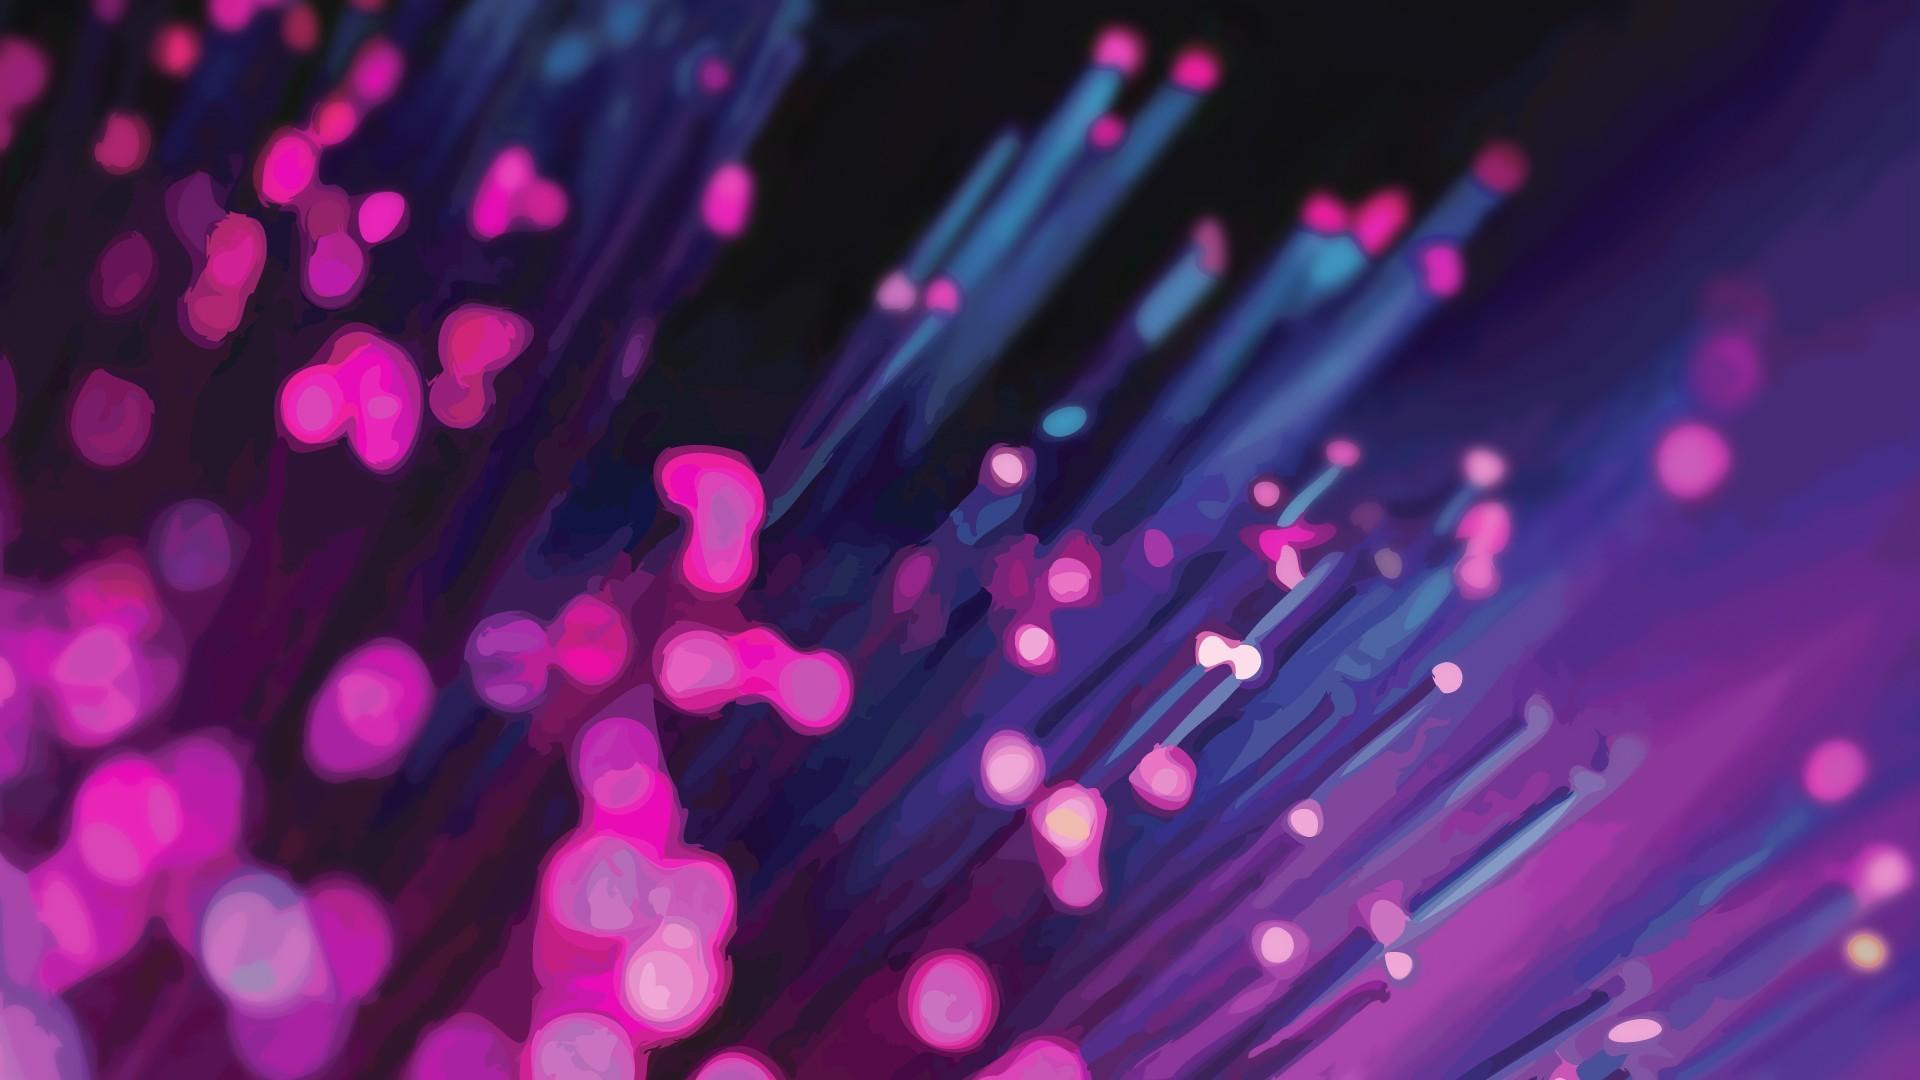 Fiber Optical Wallpaper 1920x1080 Fiber Optical Fiber 1920x1080